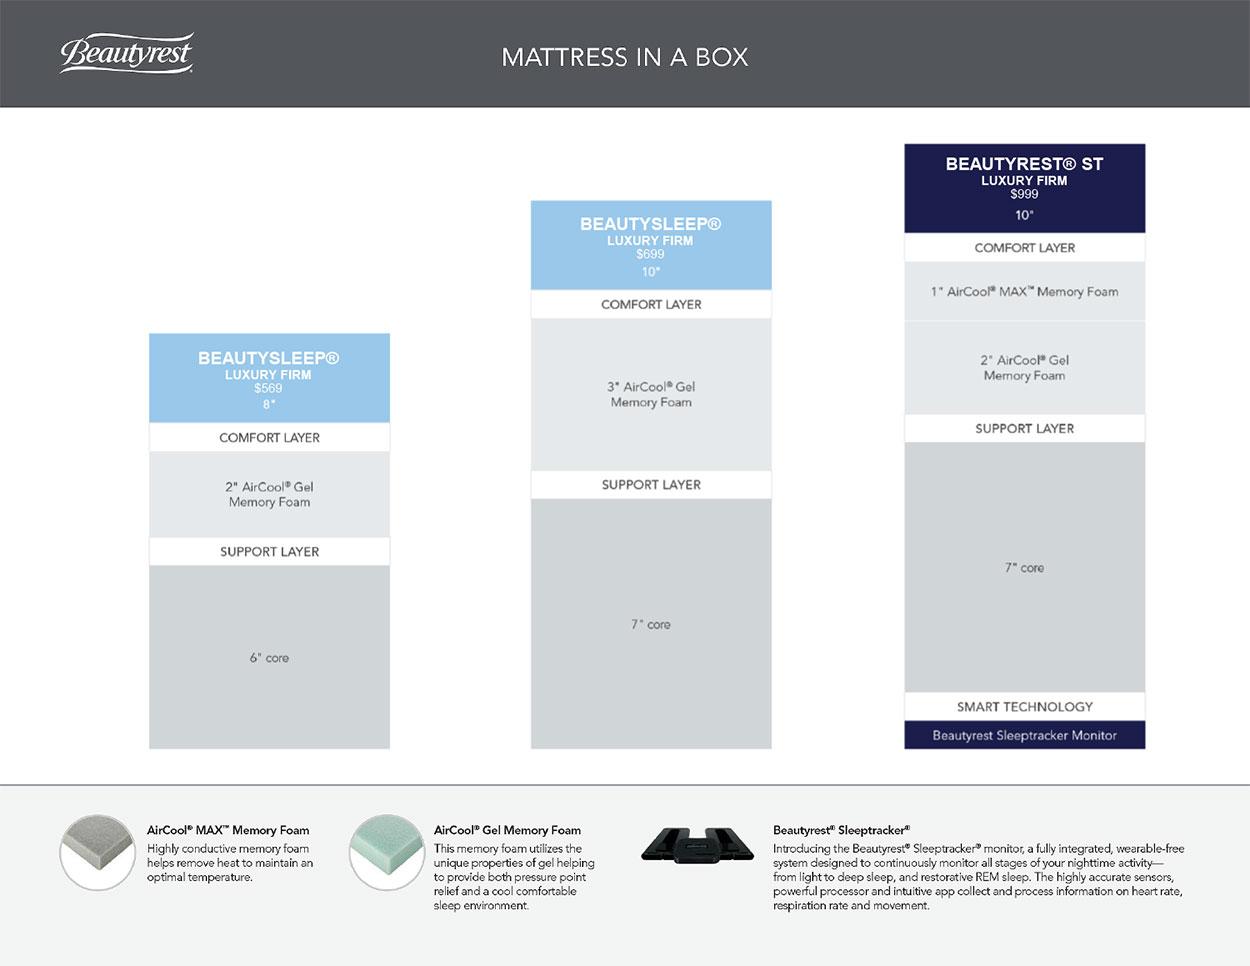 beautyrest mattress in a box sale